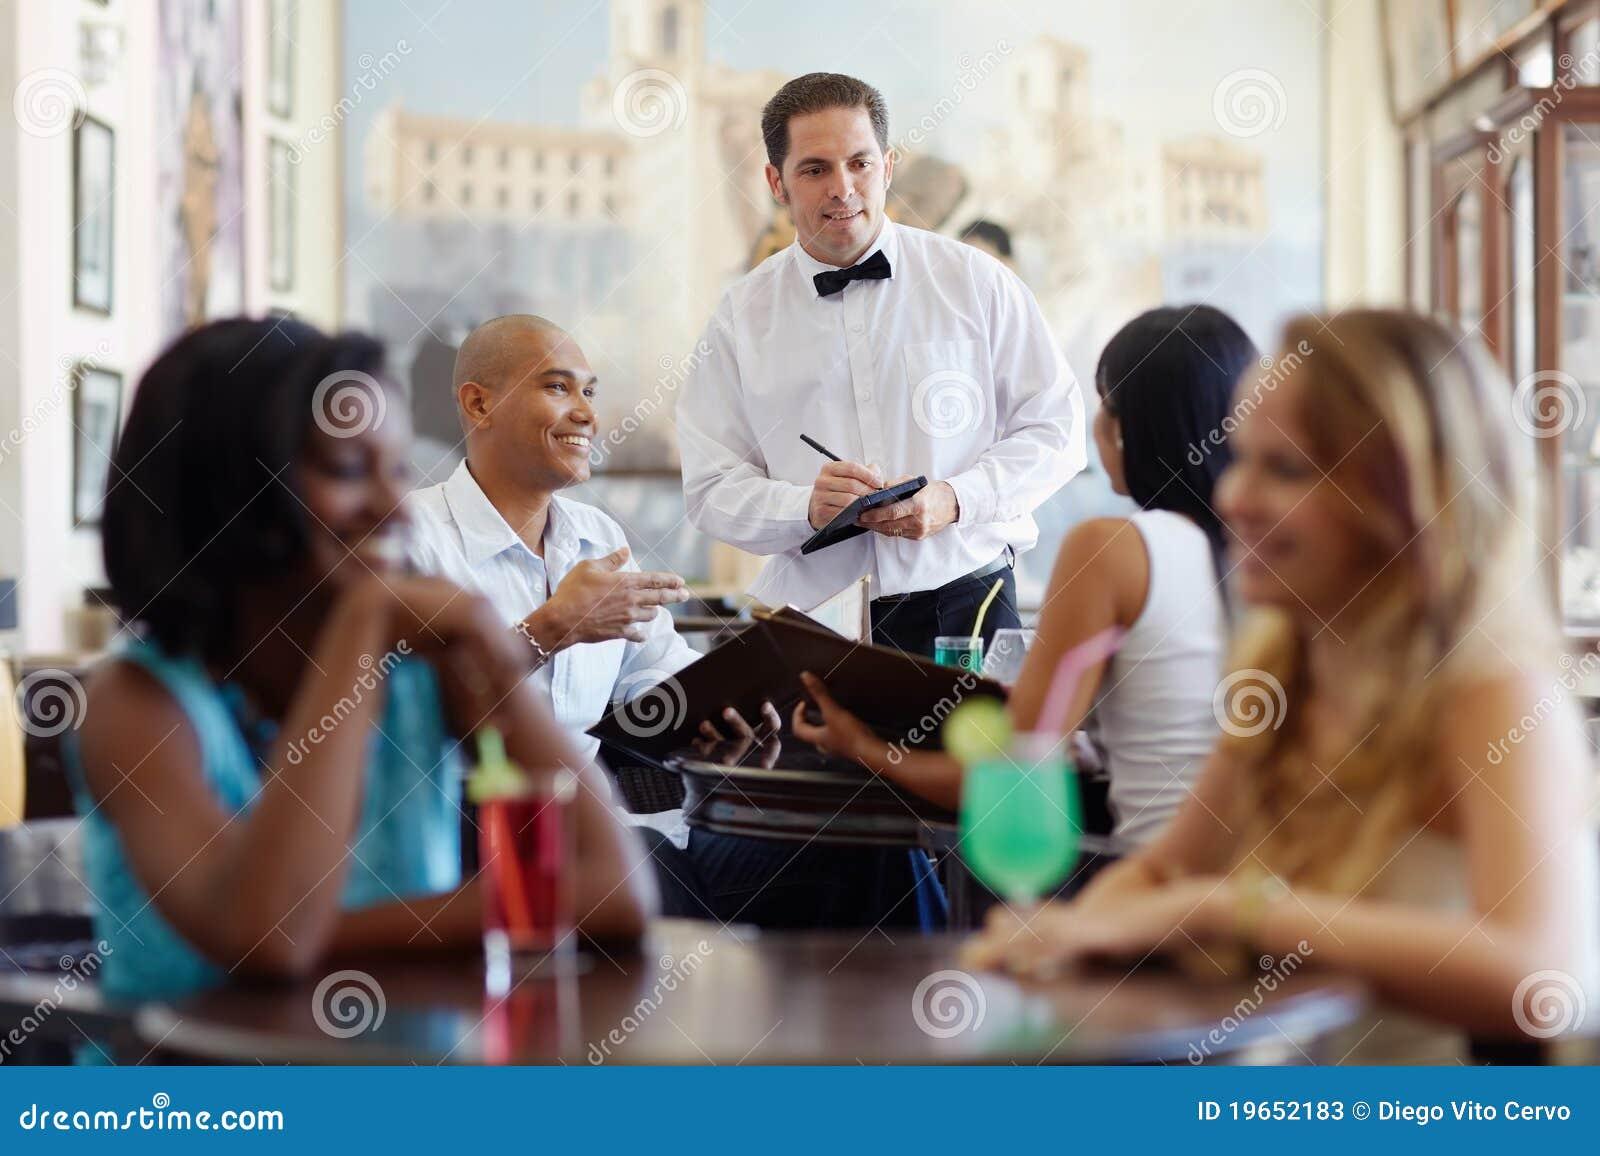 Comida que ordena de la gente al camarero en restaurante